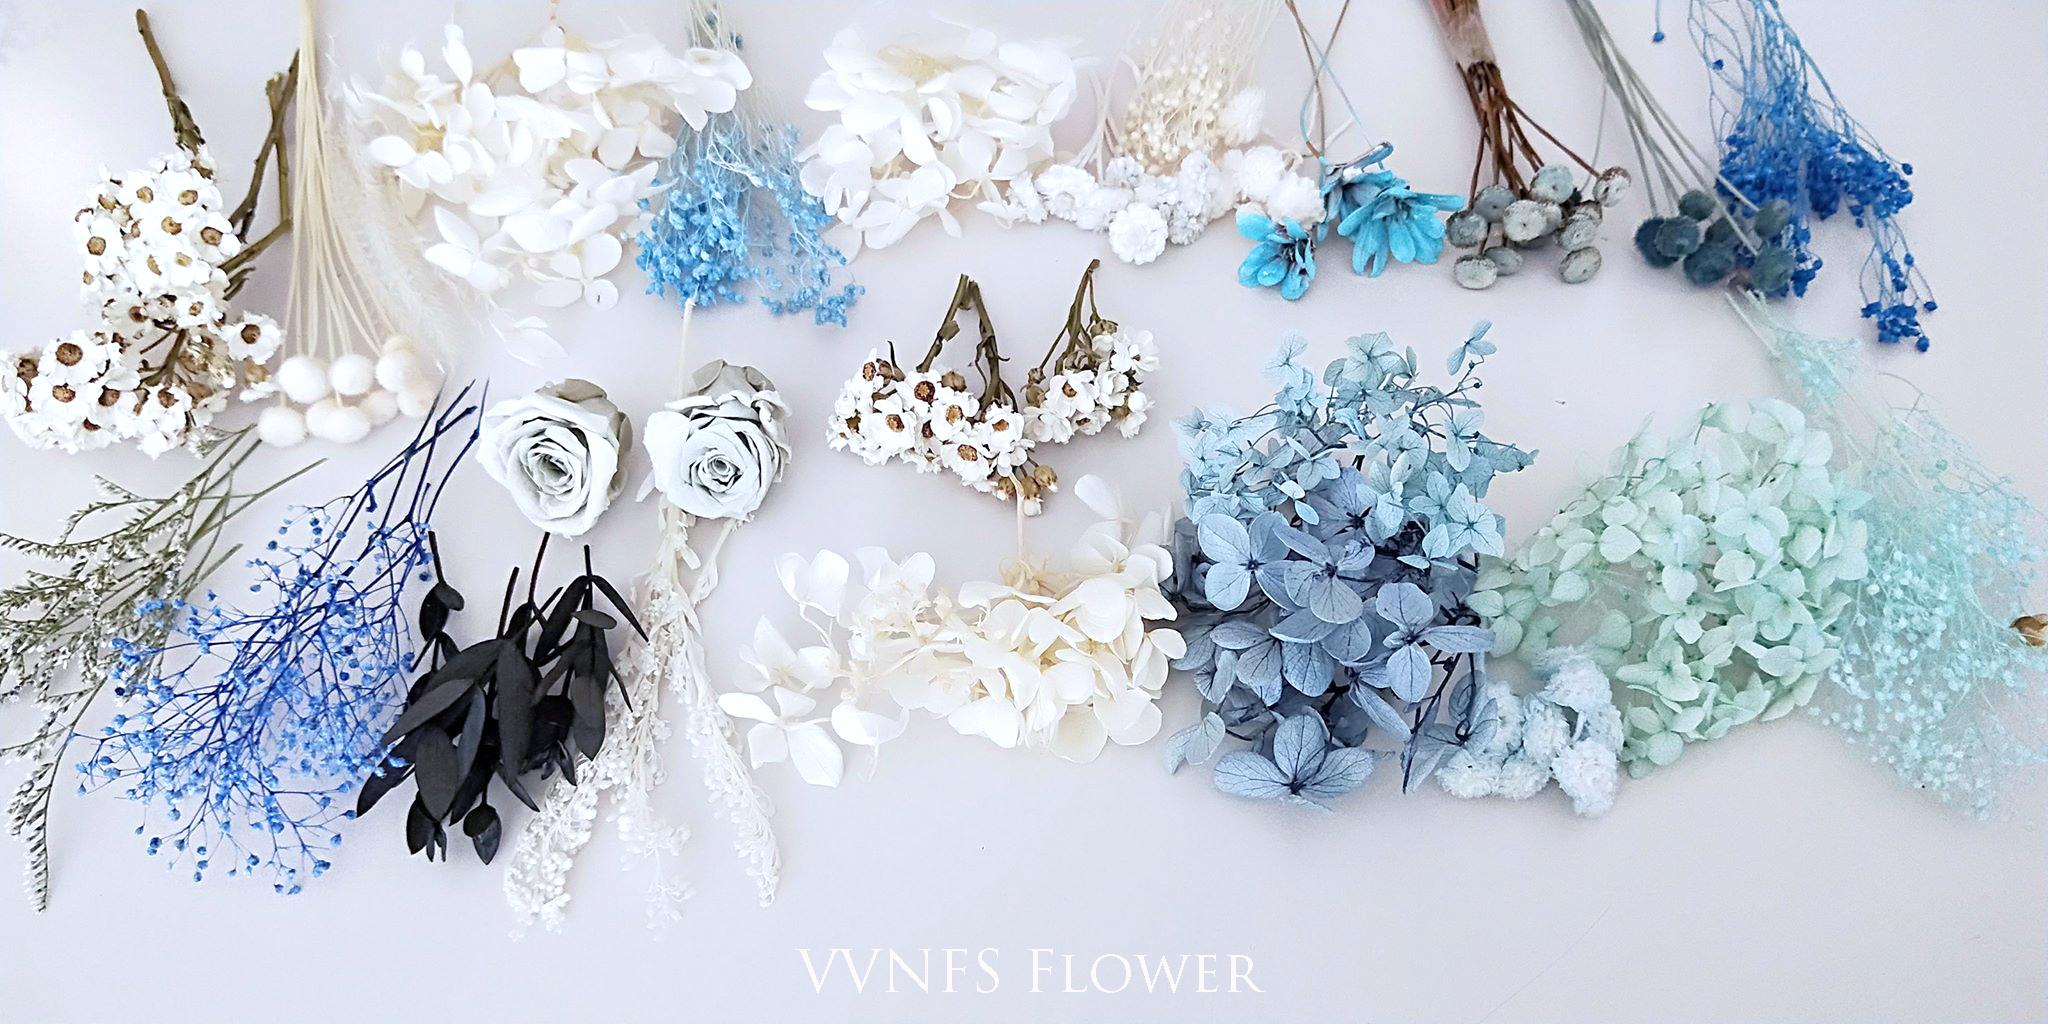 VVNFS Flower 3